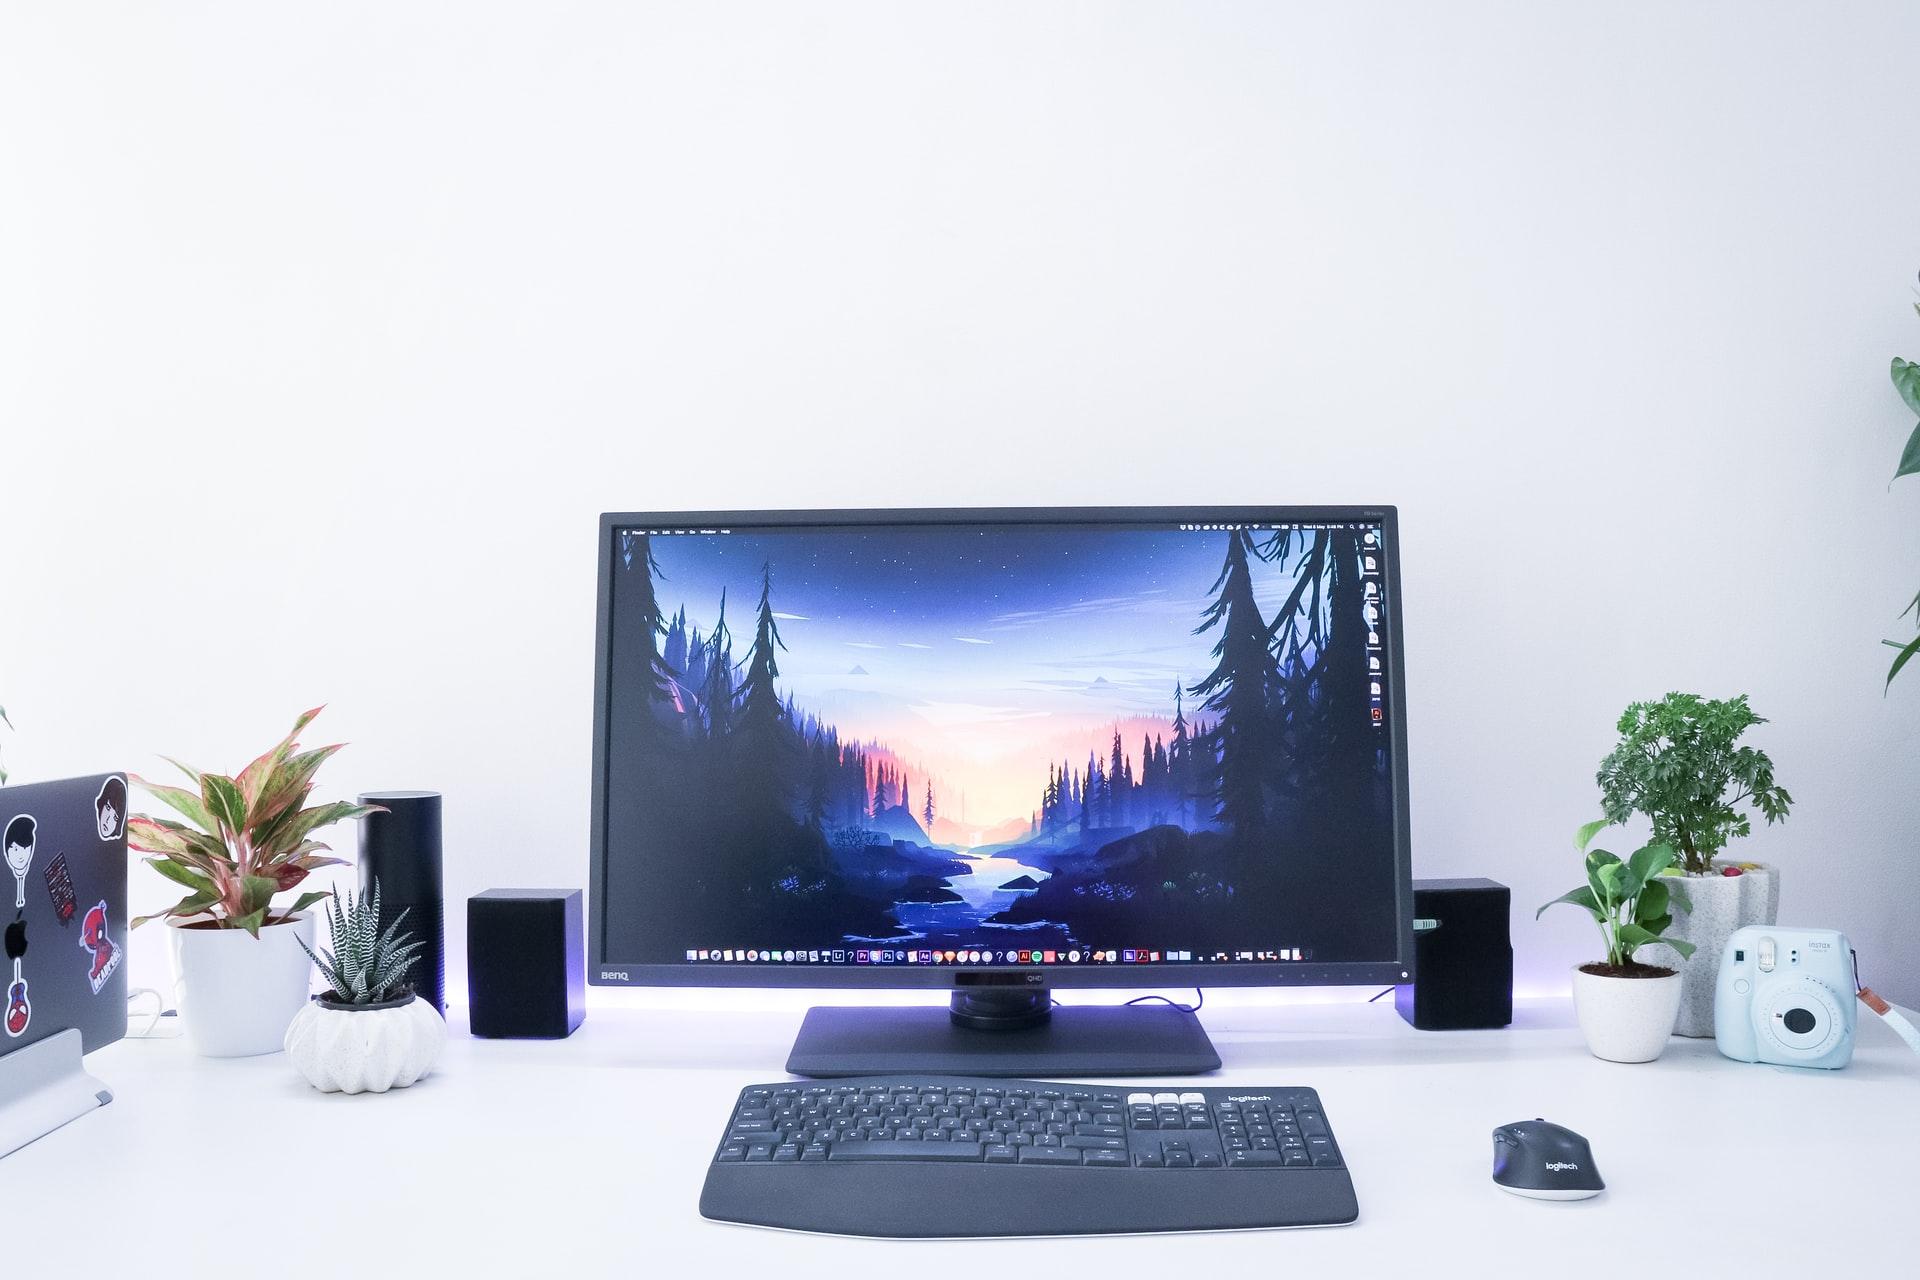 5 Komputer PC All-In-One (AIO) Terbaik Dengan Harga Bawah RM2500 Untuk Tahun 2021